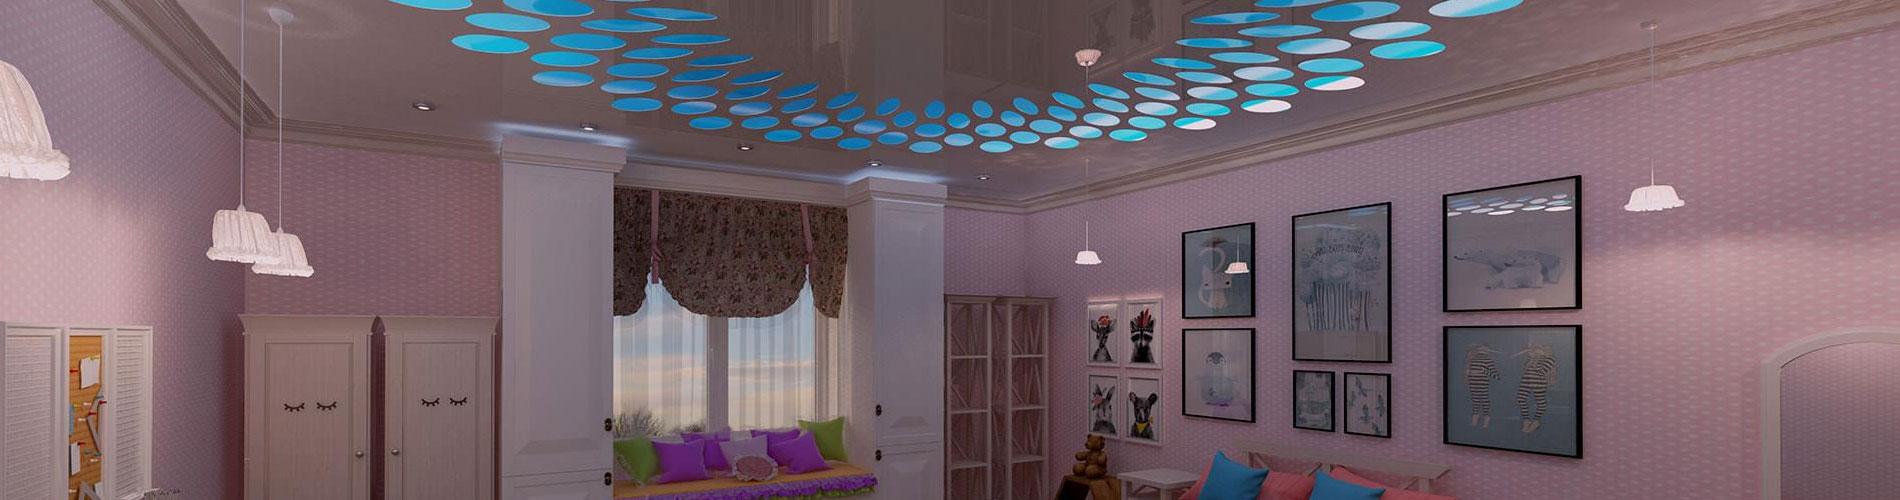 <p>Создан лэндинг для компании &#171;Выбор&#187; (натяжные потолки). Адрес сайта http://vybor44.ru/</p>